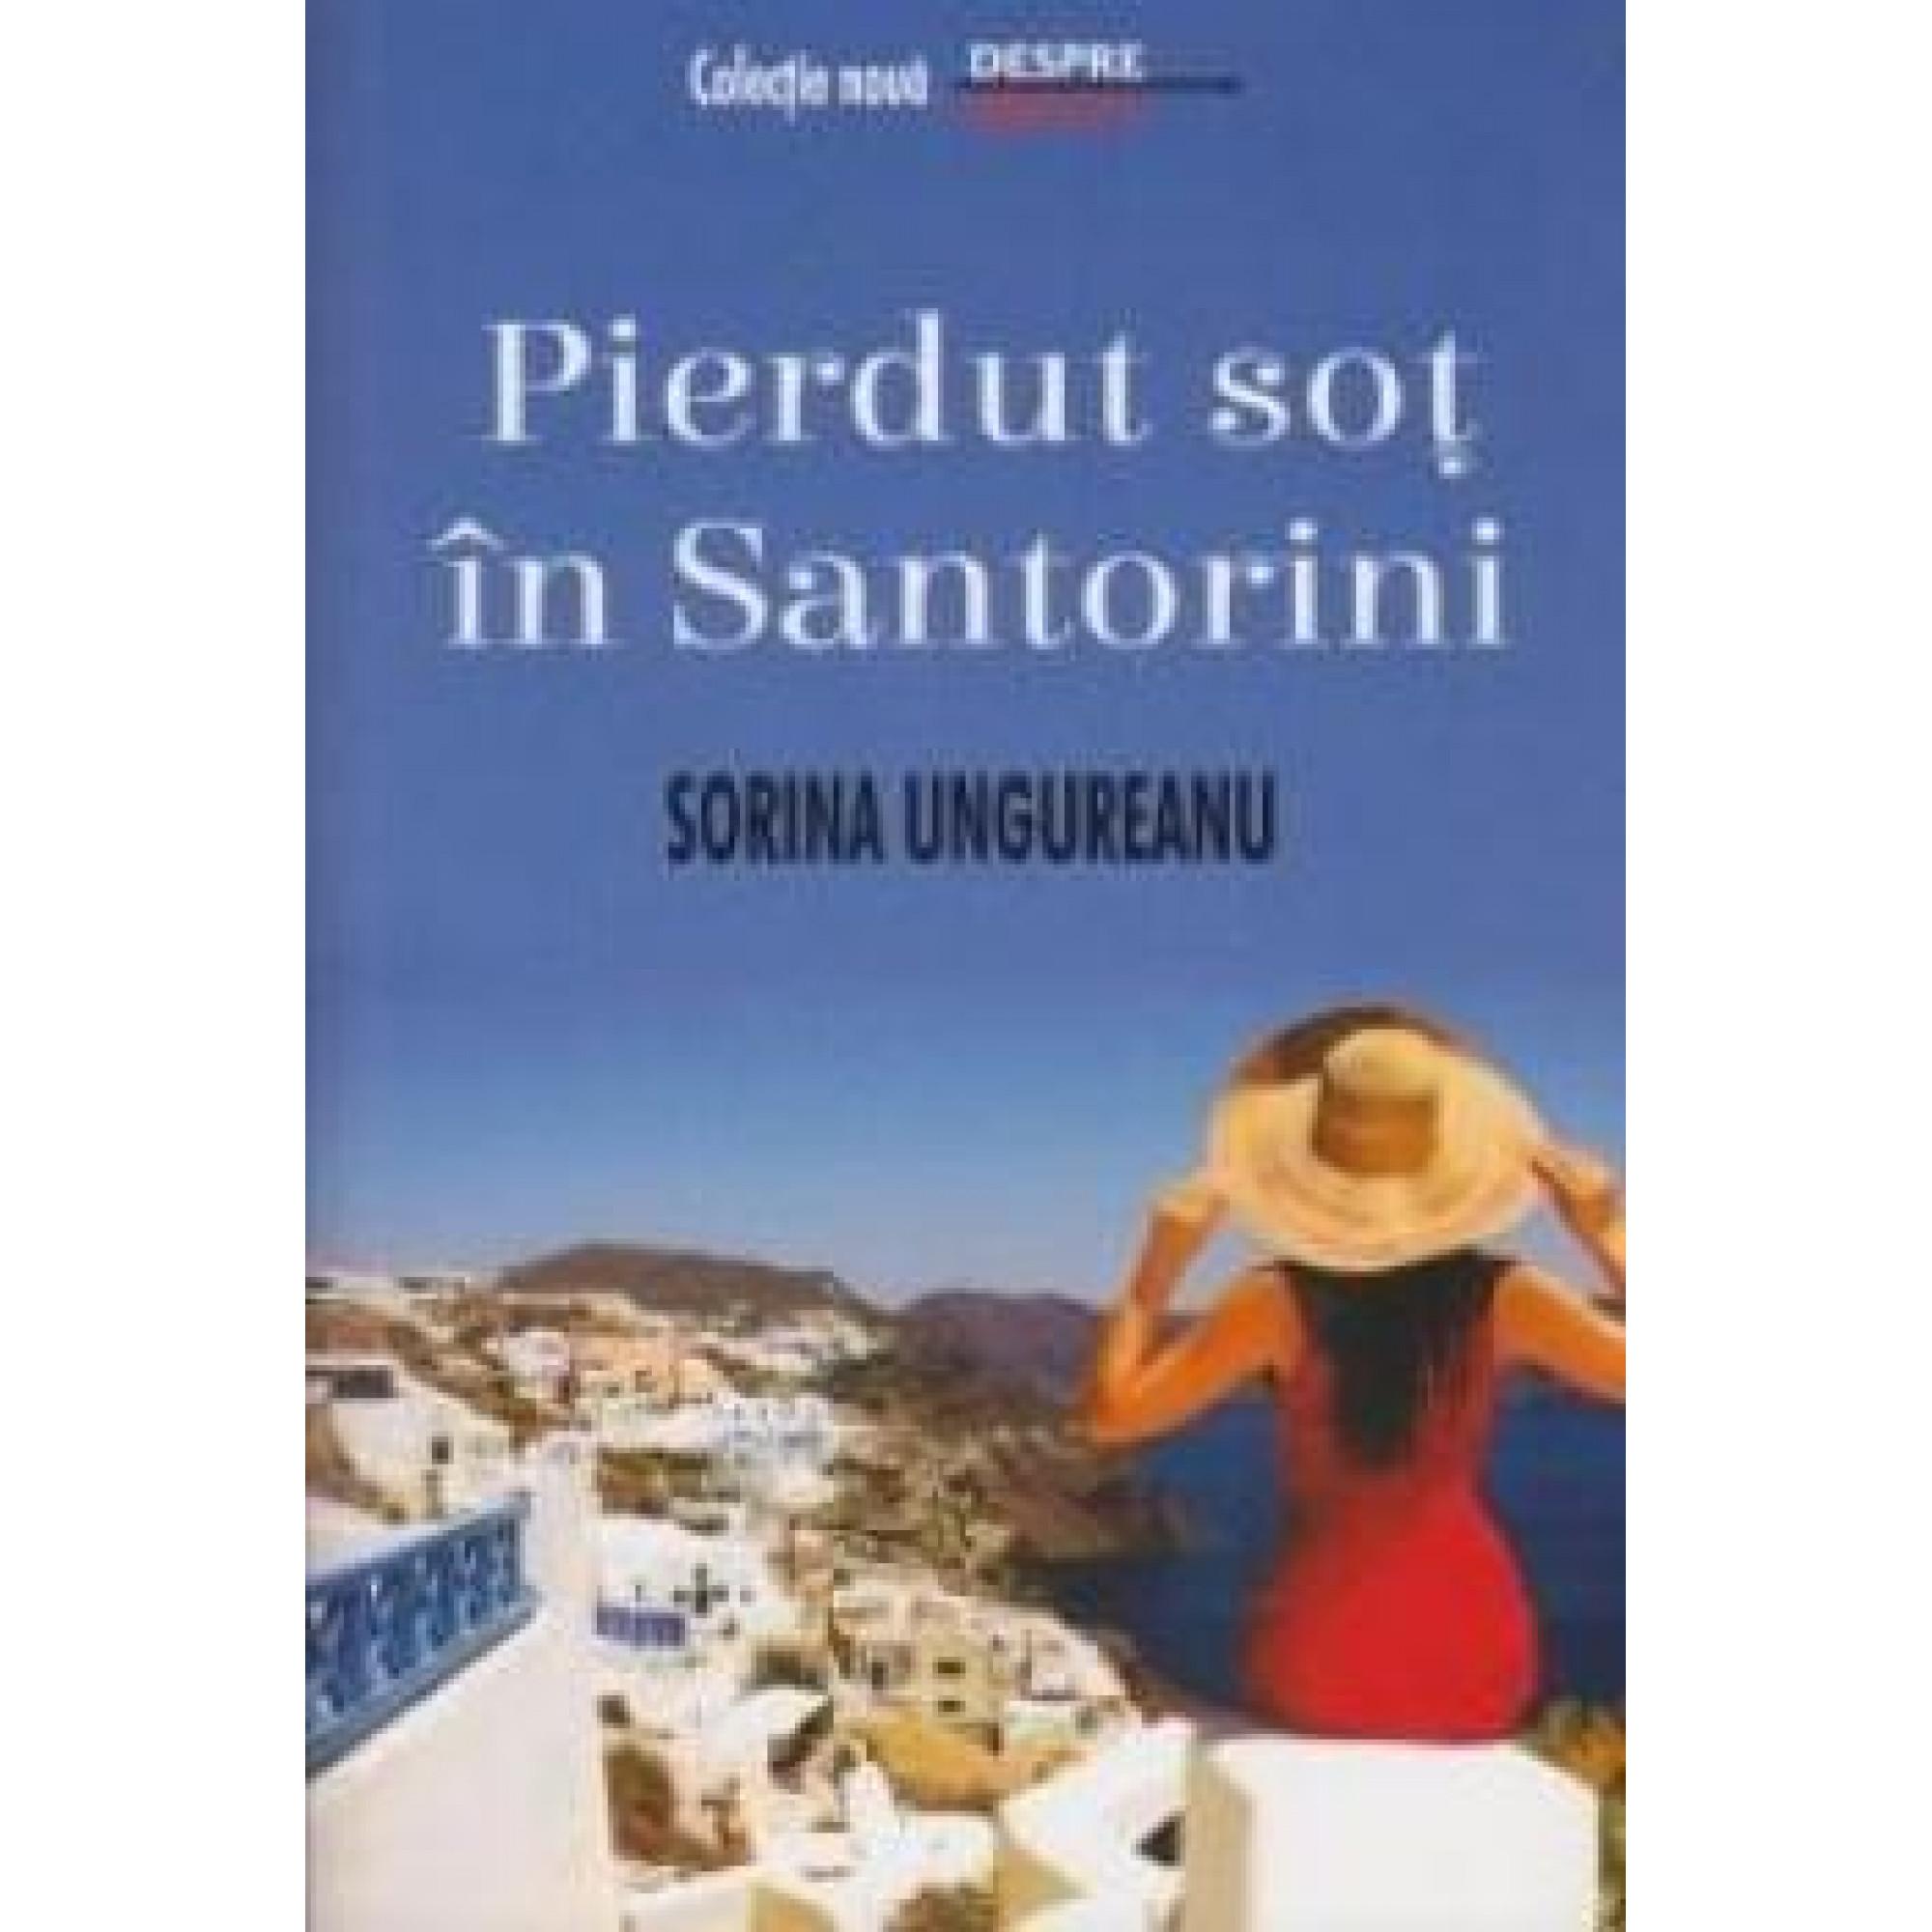 Pierdut soț în Santorini; Sorina Ungureanu